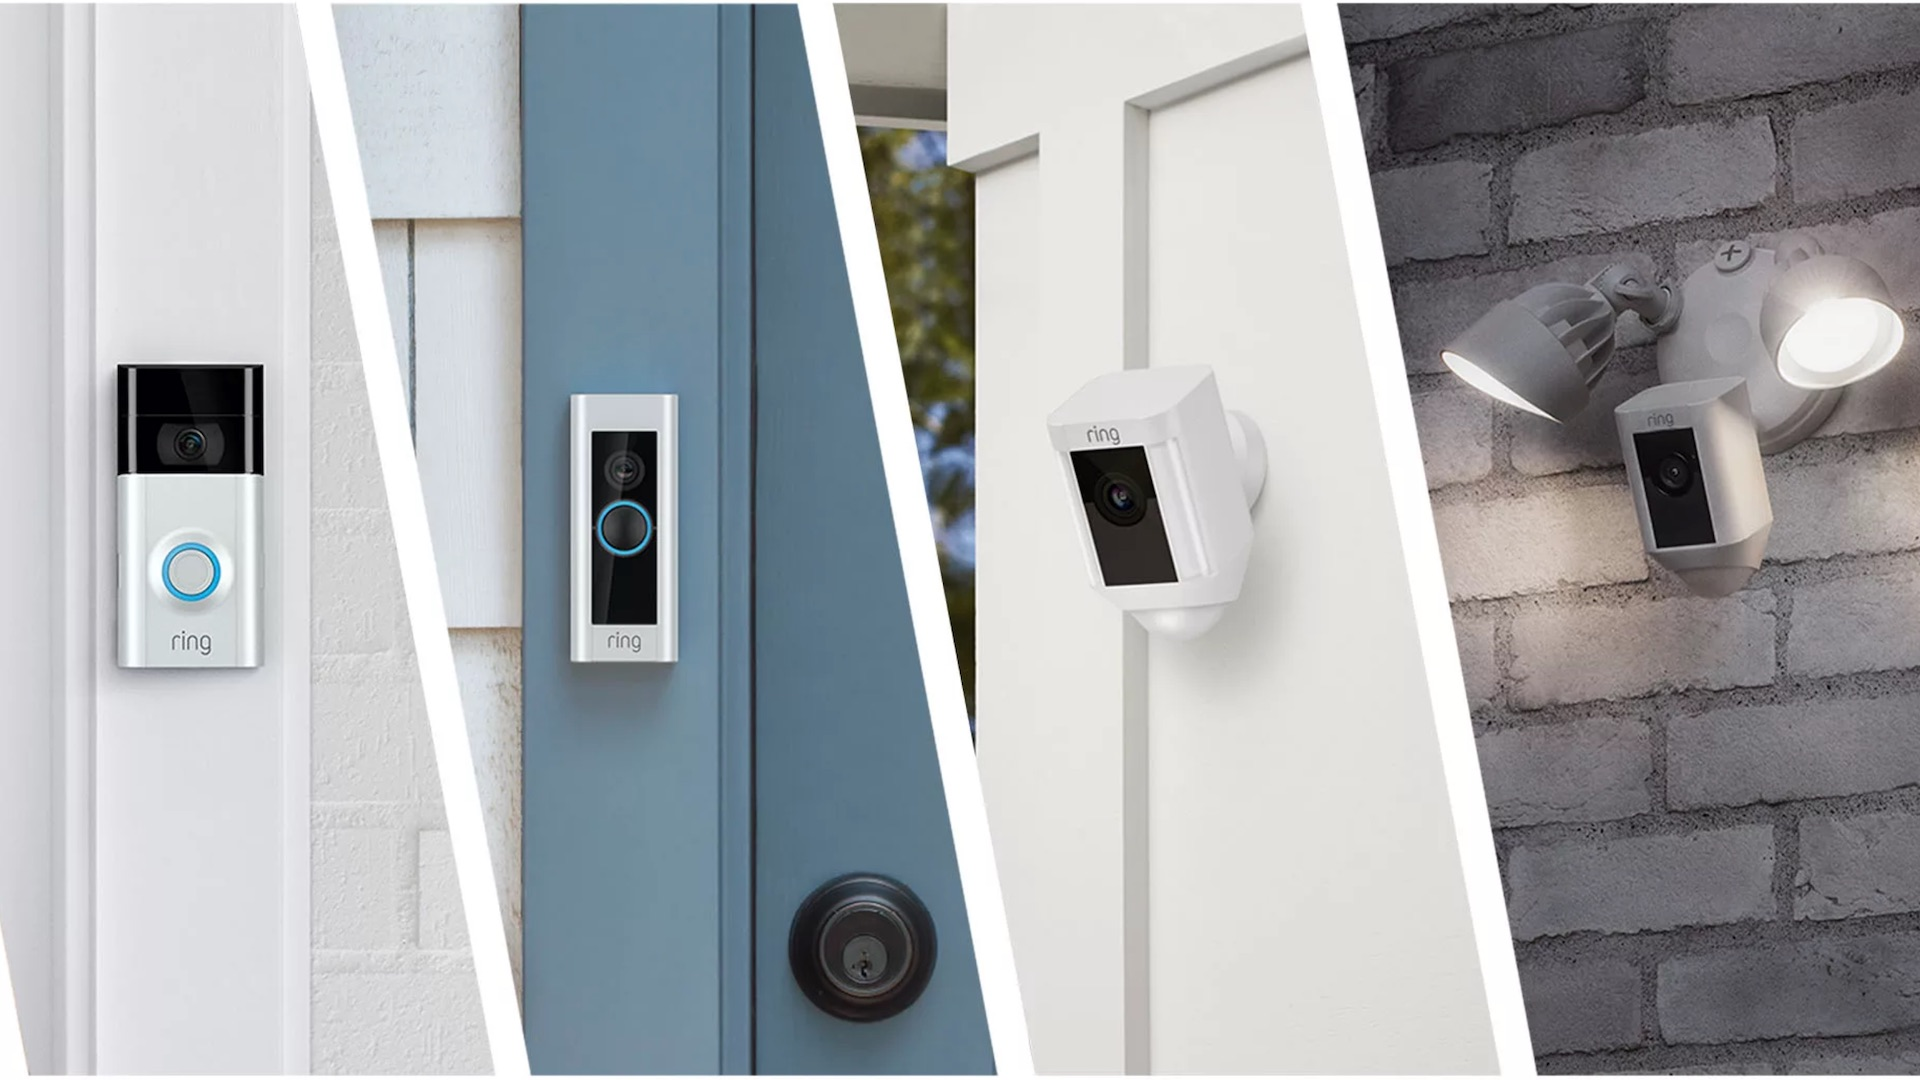 Ring force désormais ses clients à utiliser la double authentification sur ses caméras